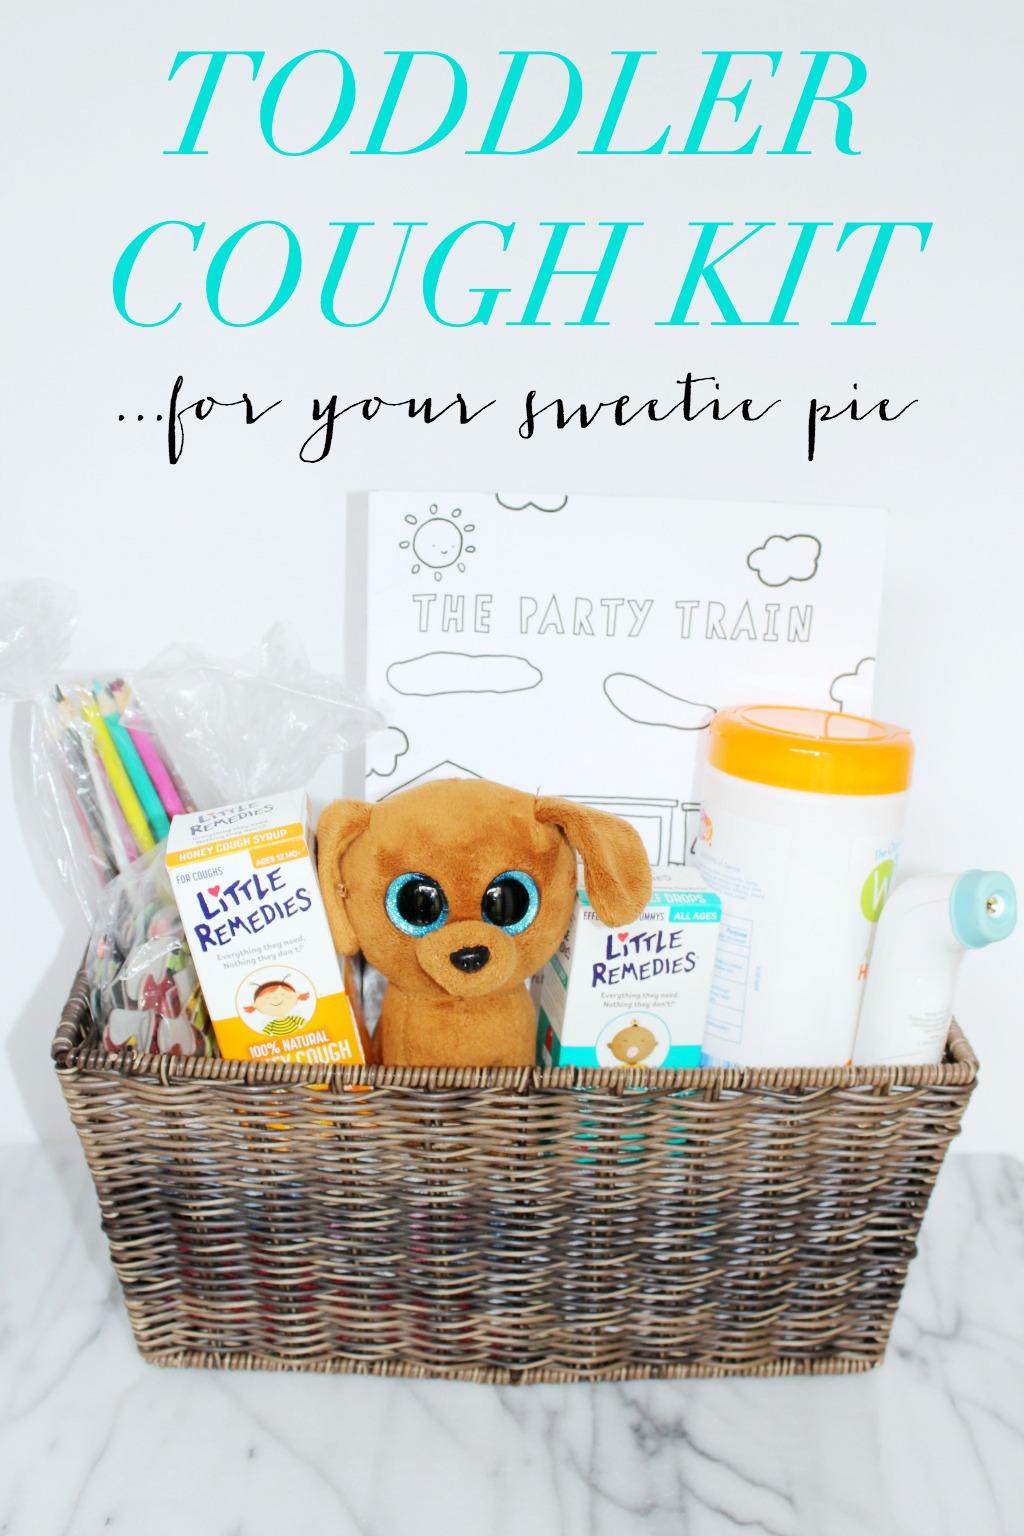 Toddler Cough Kit